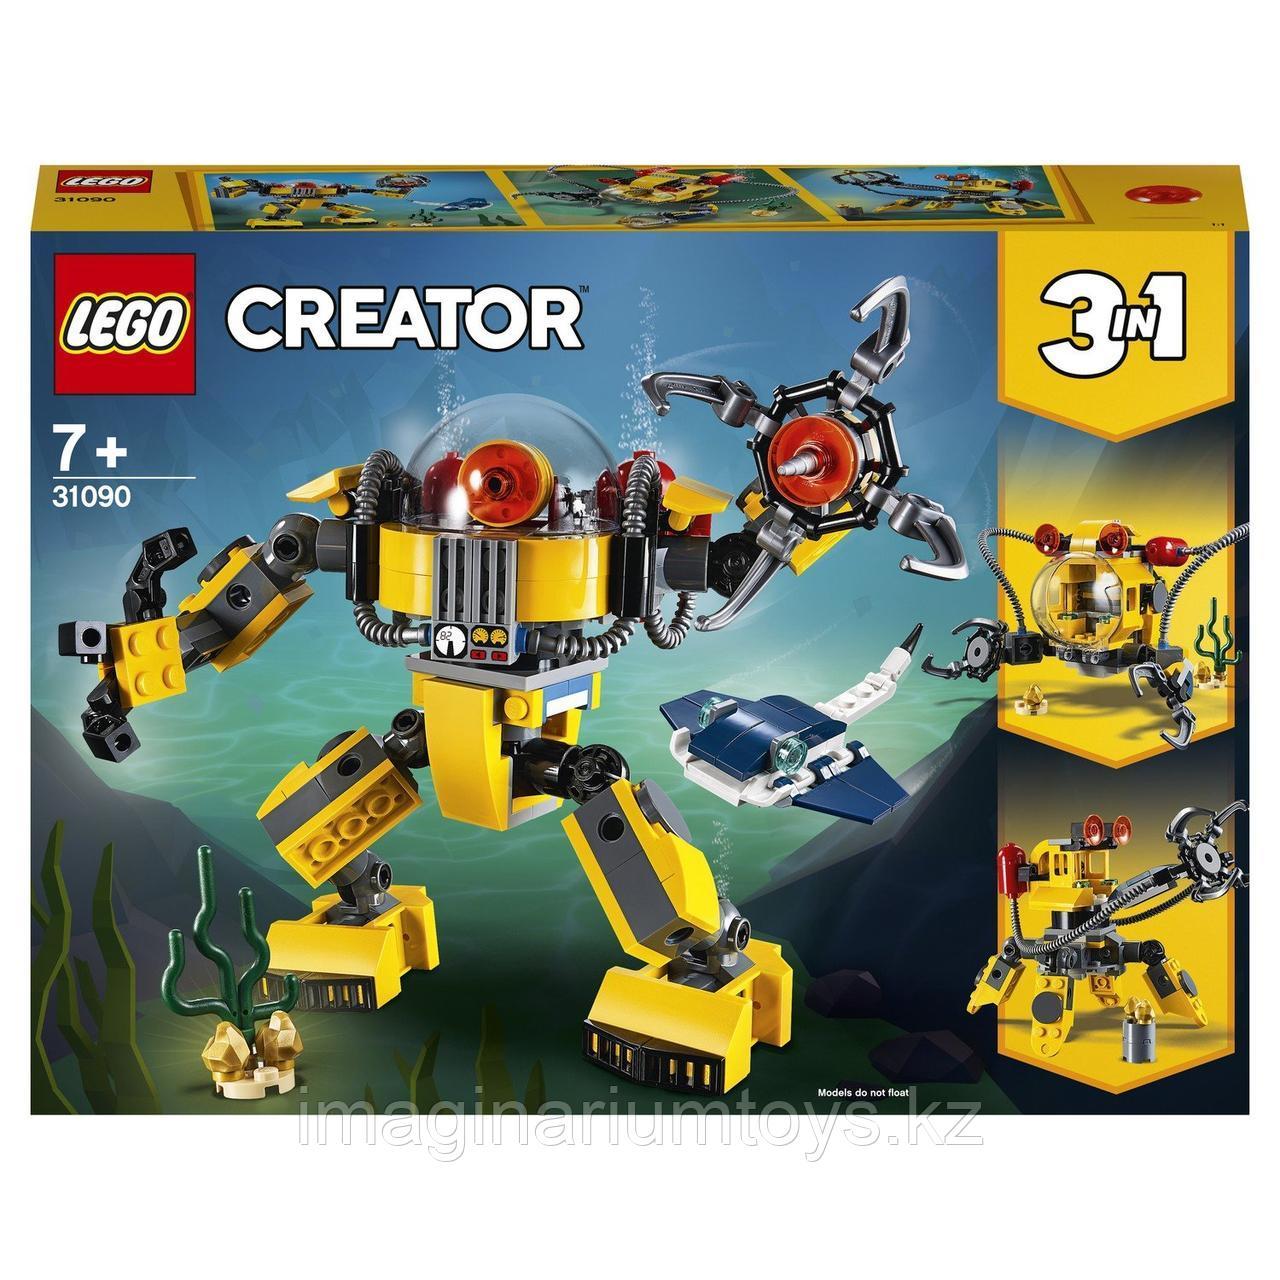 Конструктор LEGO Creator 3 в 1 Робот для подводных исследований 31090 - фото 1